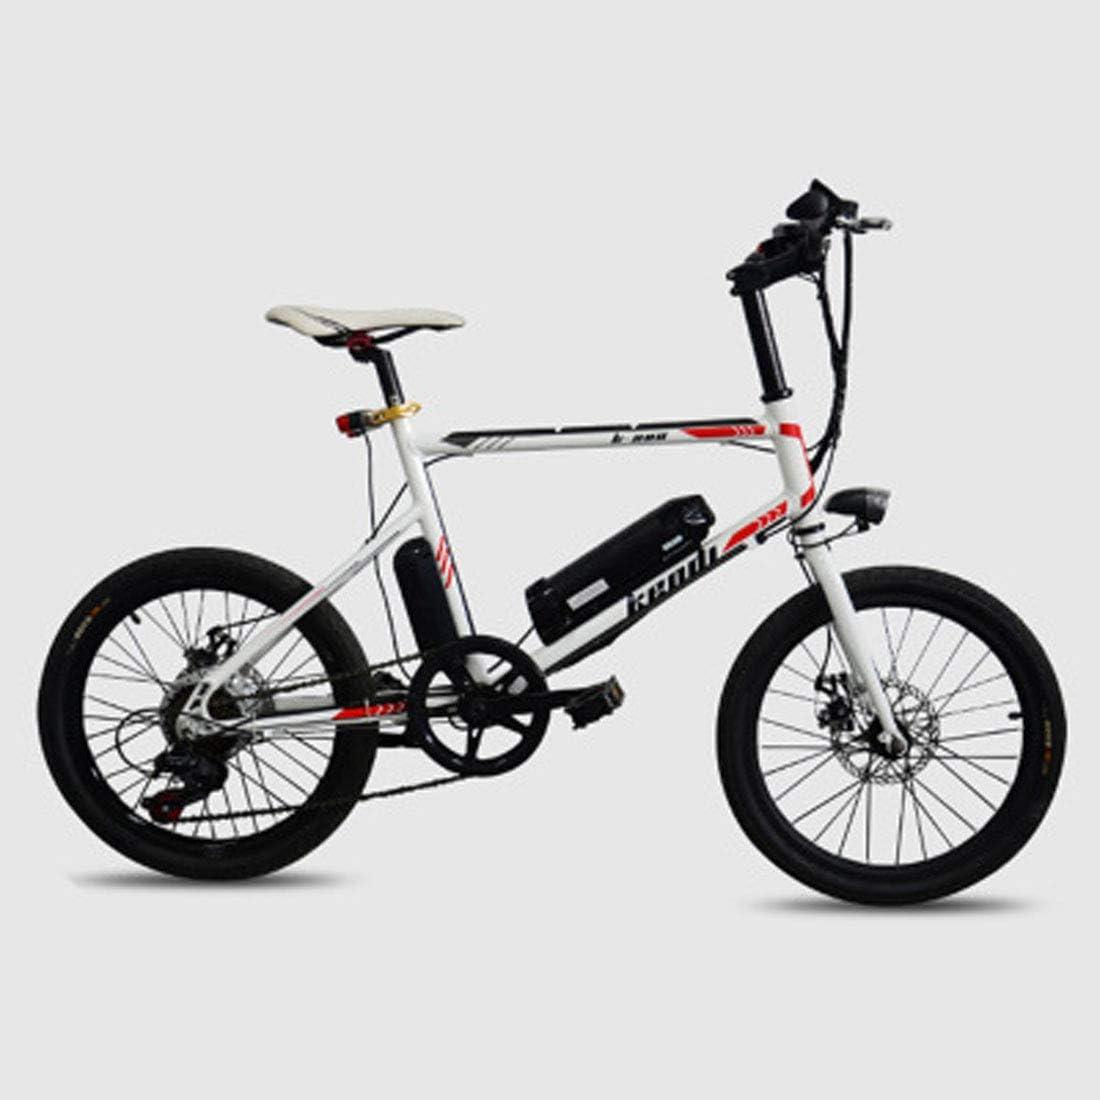 Jun Bicicleta De Ciudad Eléctrica Plegable De Aleación Ligera De 20 Pulgadas, (Batería Desmontable De 36V-250W) Bicicleta De Ciudad para Adultos De Diámetro De Rueda Pequeña,Blanco: Amazon.es: Hogar